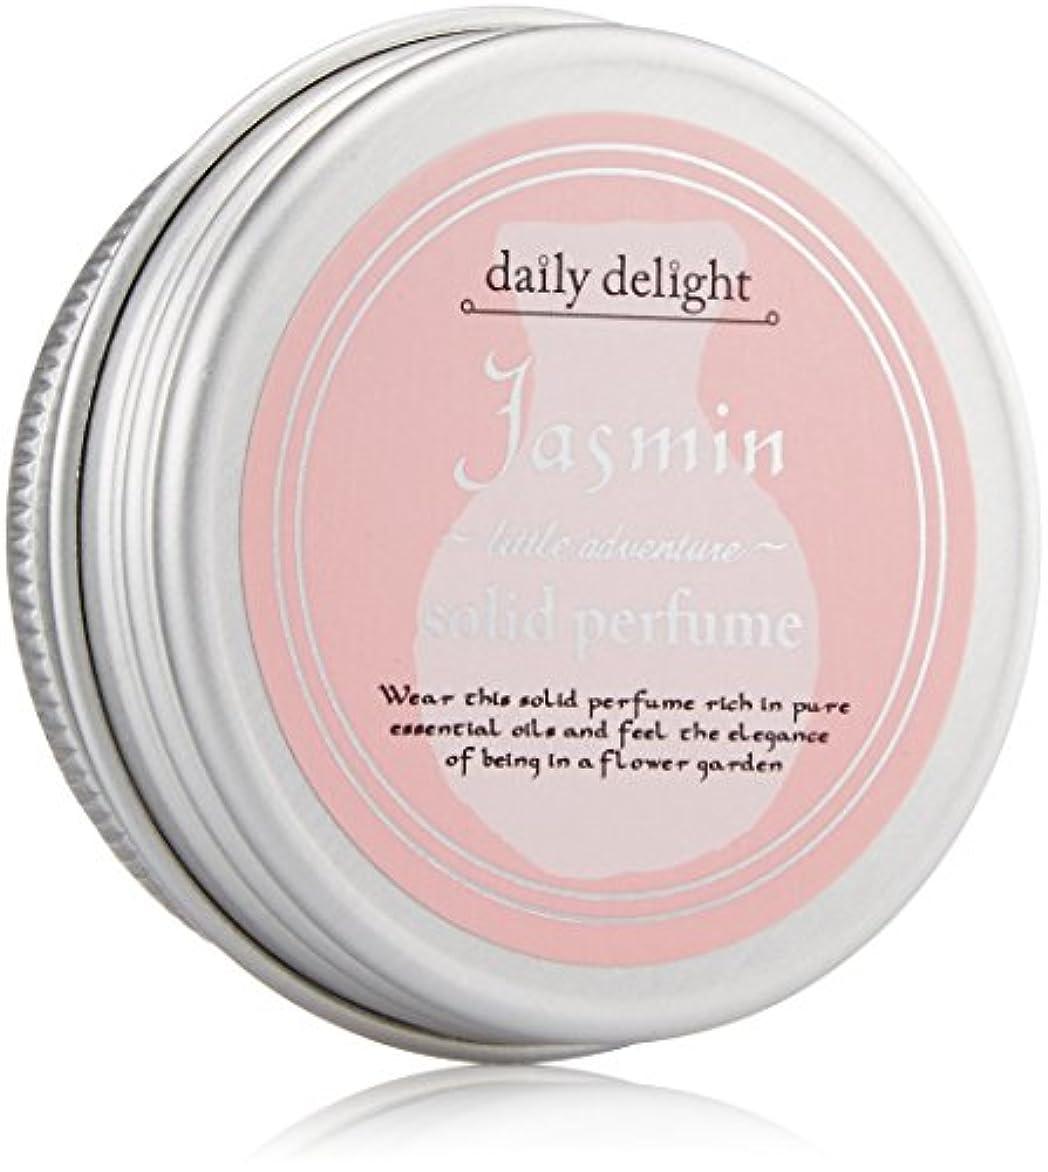 段階アラブサラボ悪質なデイリーディライト 練り香水 ジャスミン  10g(香水 携帯用 ソリッドパフューム アルコールフリー 奥深く魅了されるジャスミンの香り)